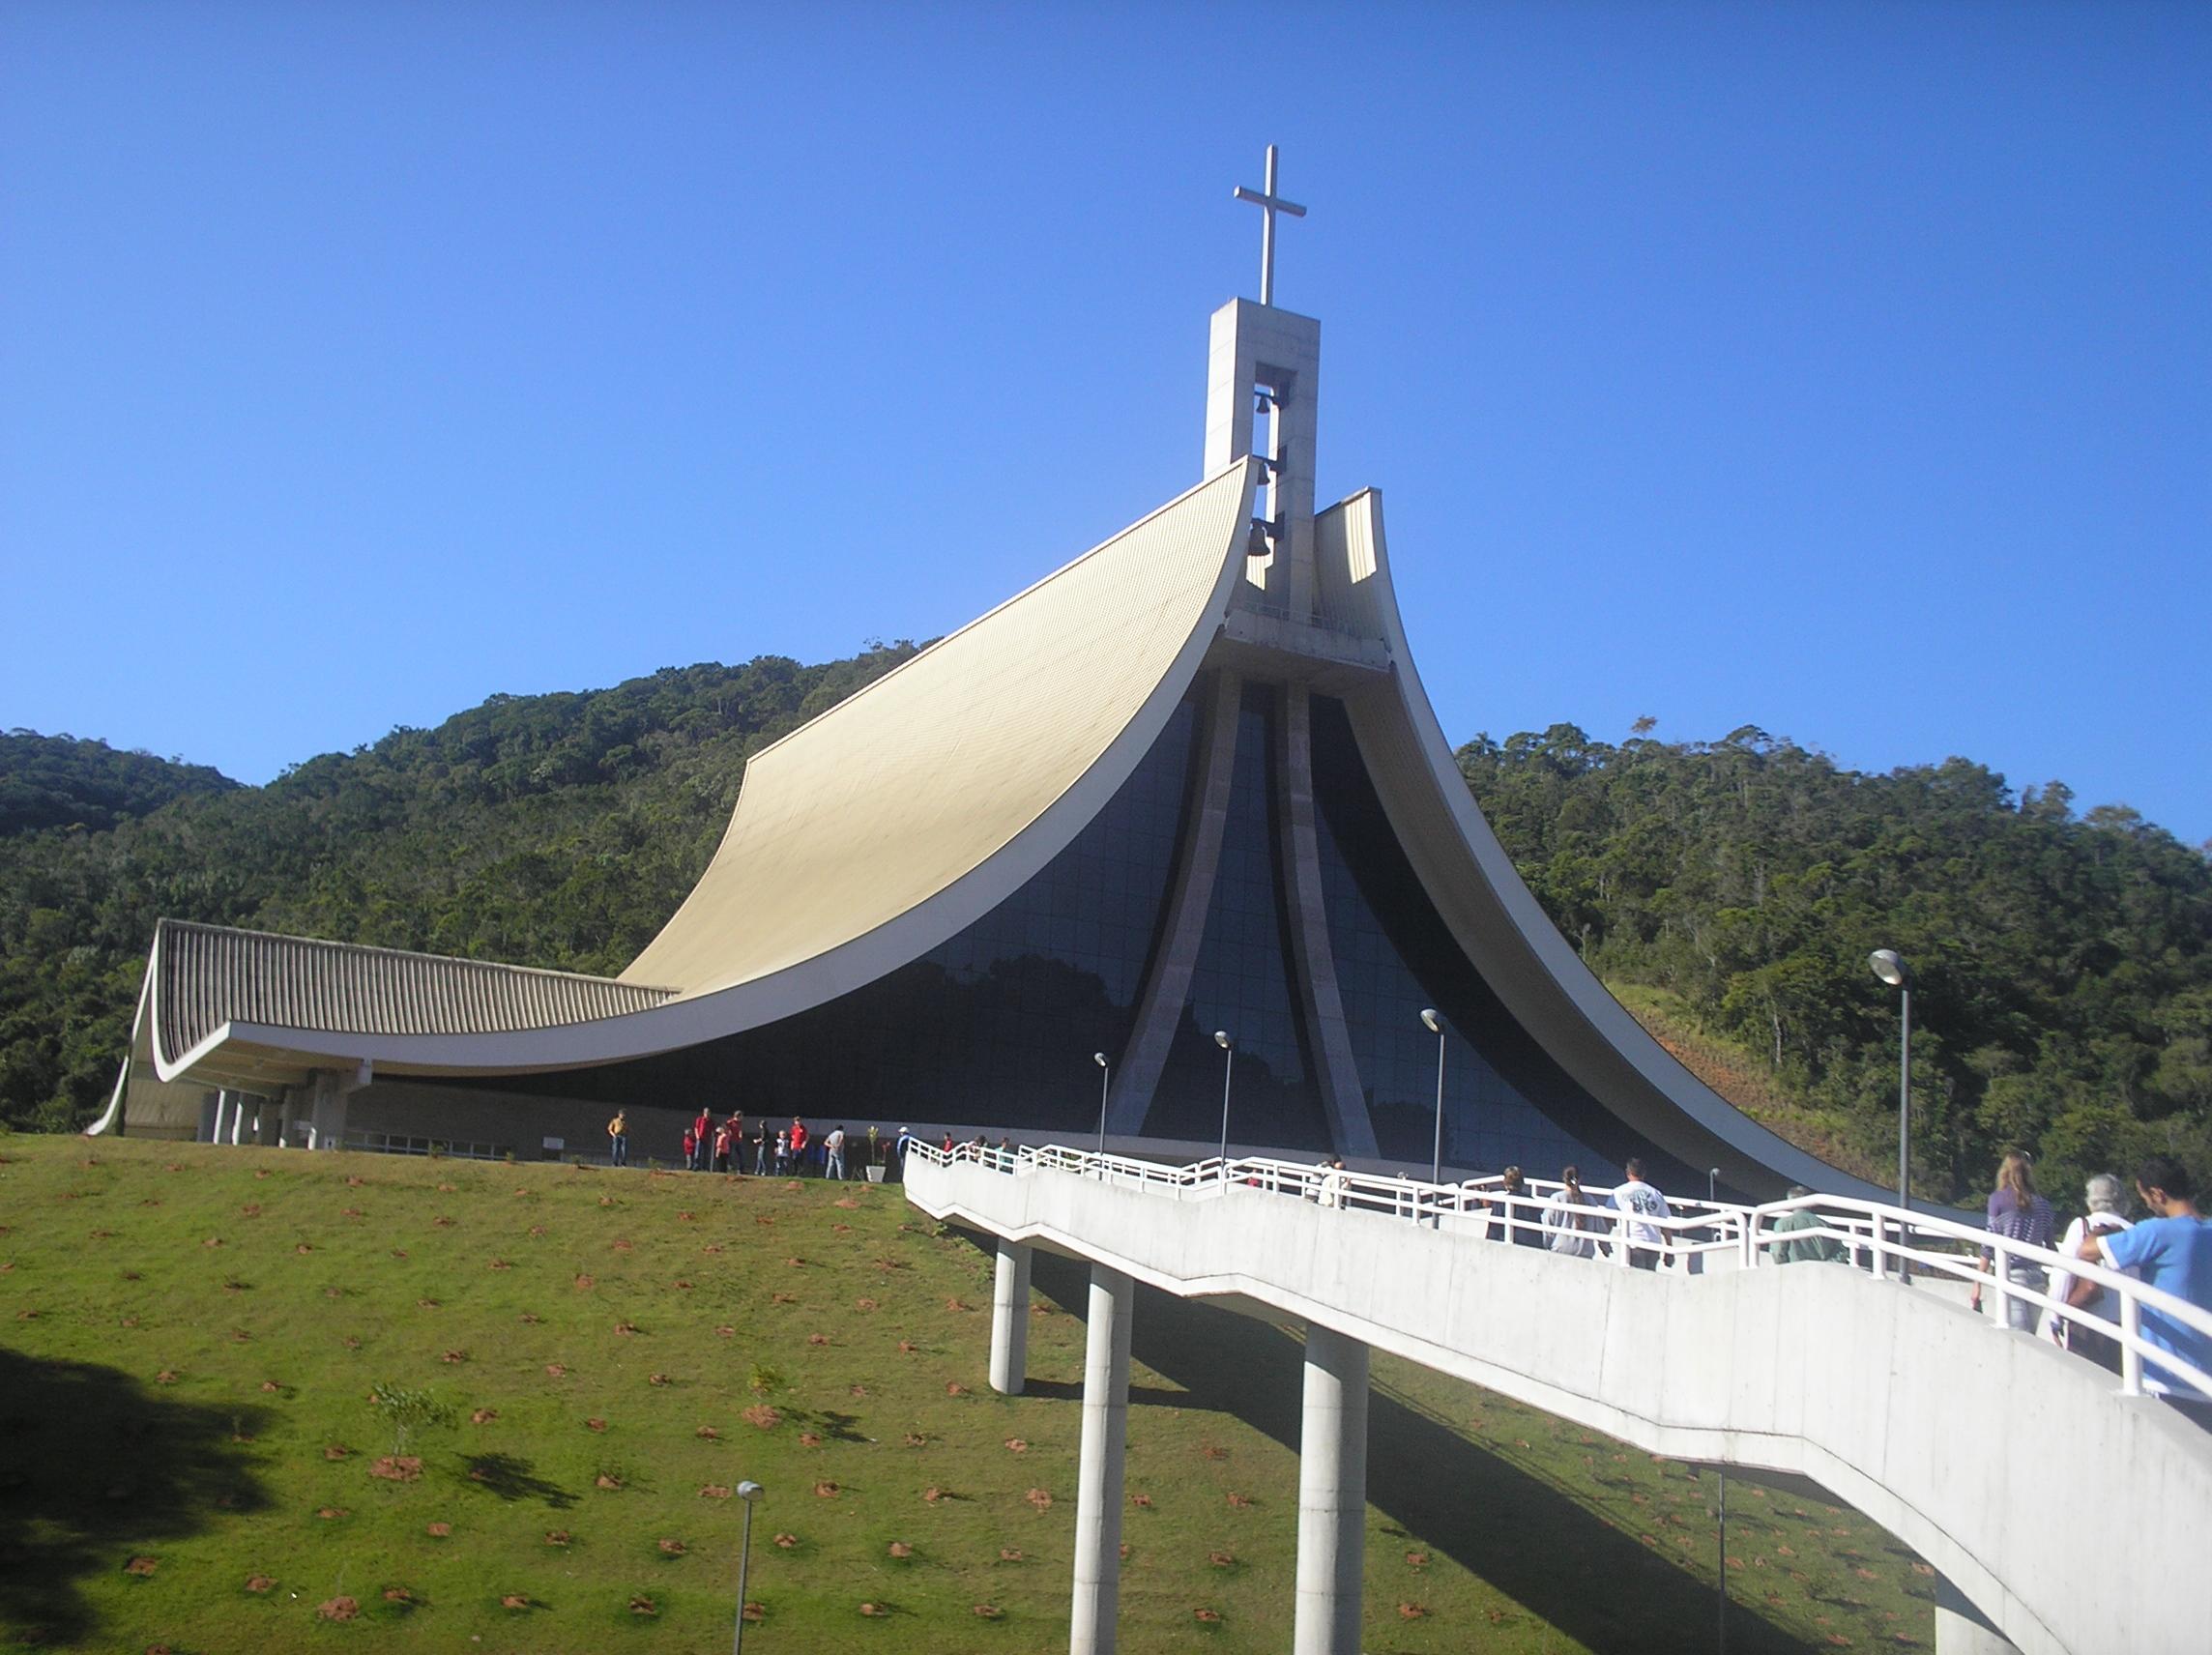 O formato do chapéu de freira é a marca registrada do Santuário Madre Paulina (foto: Jessé Rocha Tavares/Wikimedia Commons)